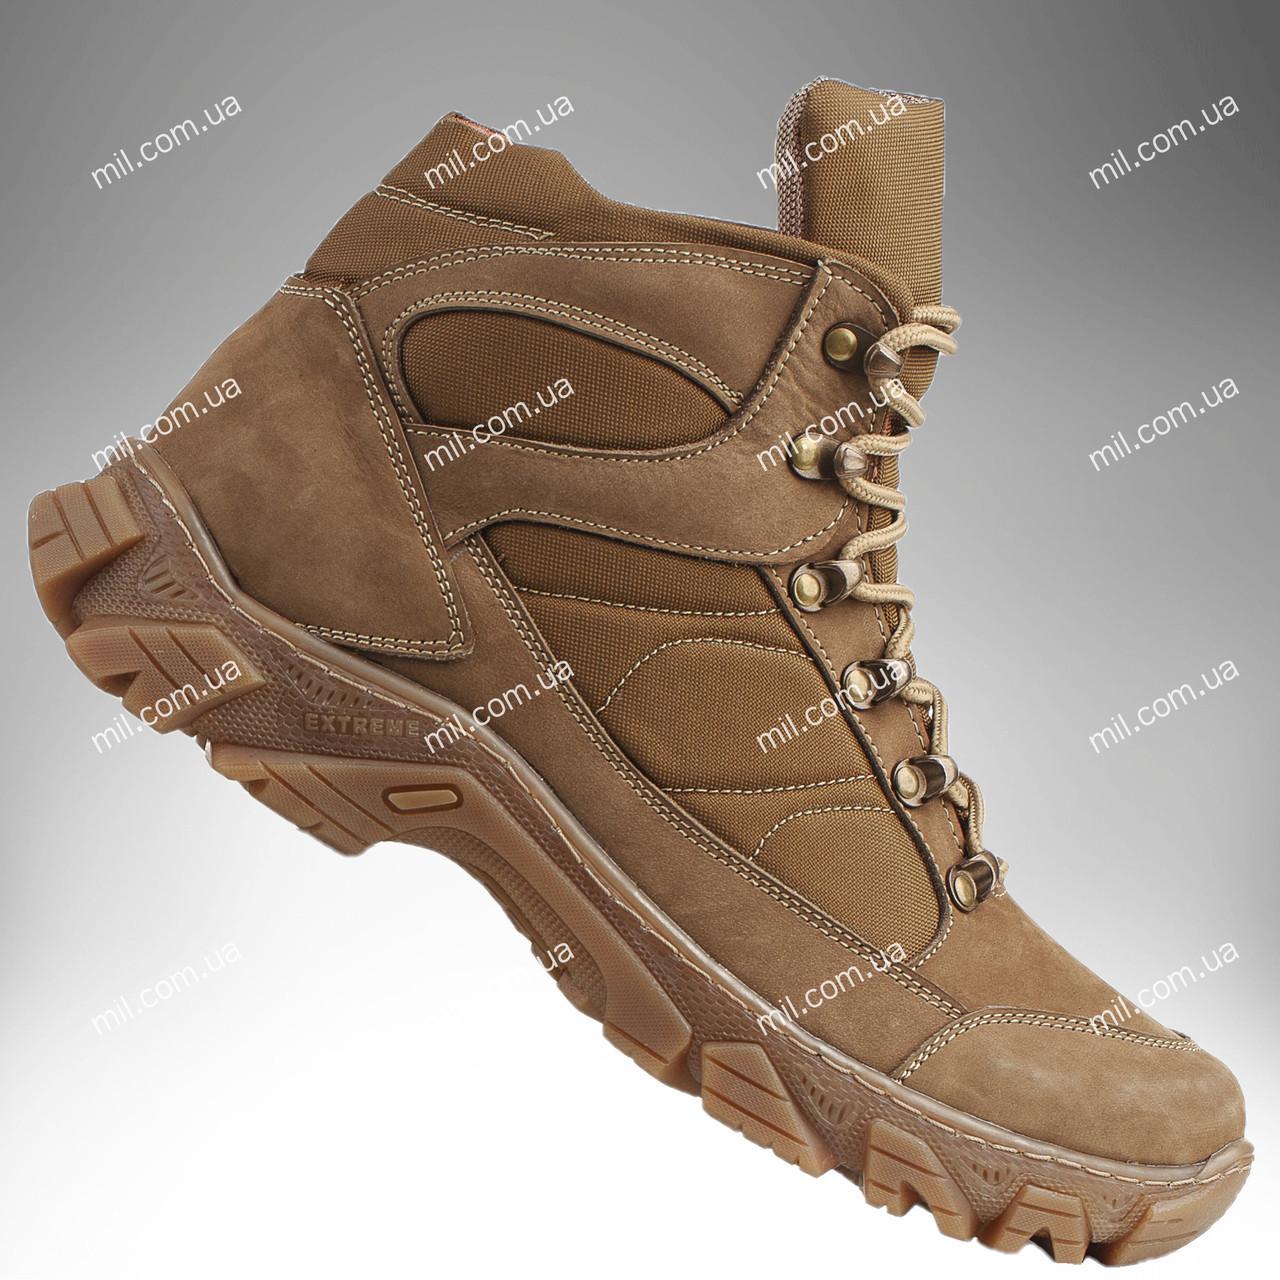 Зимние военная обувь / армейские тактические ботинки ARMA Gen.II (coyote)